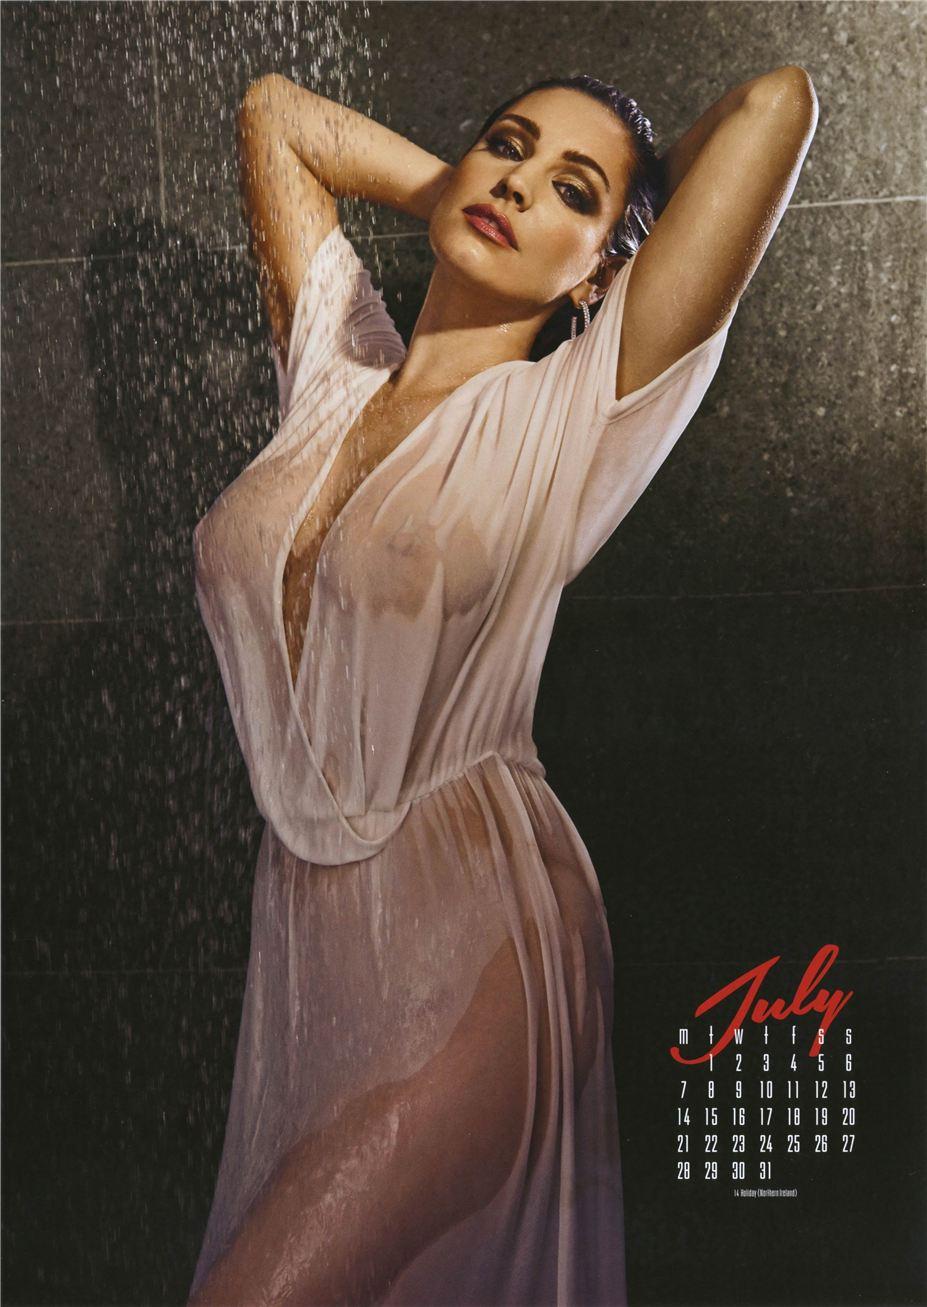 июль - Календарь сексуальной красотки, актрисы и модели Келли Брук / Kelly Brook - official calendar 2014